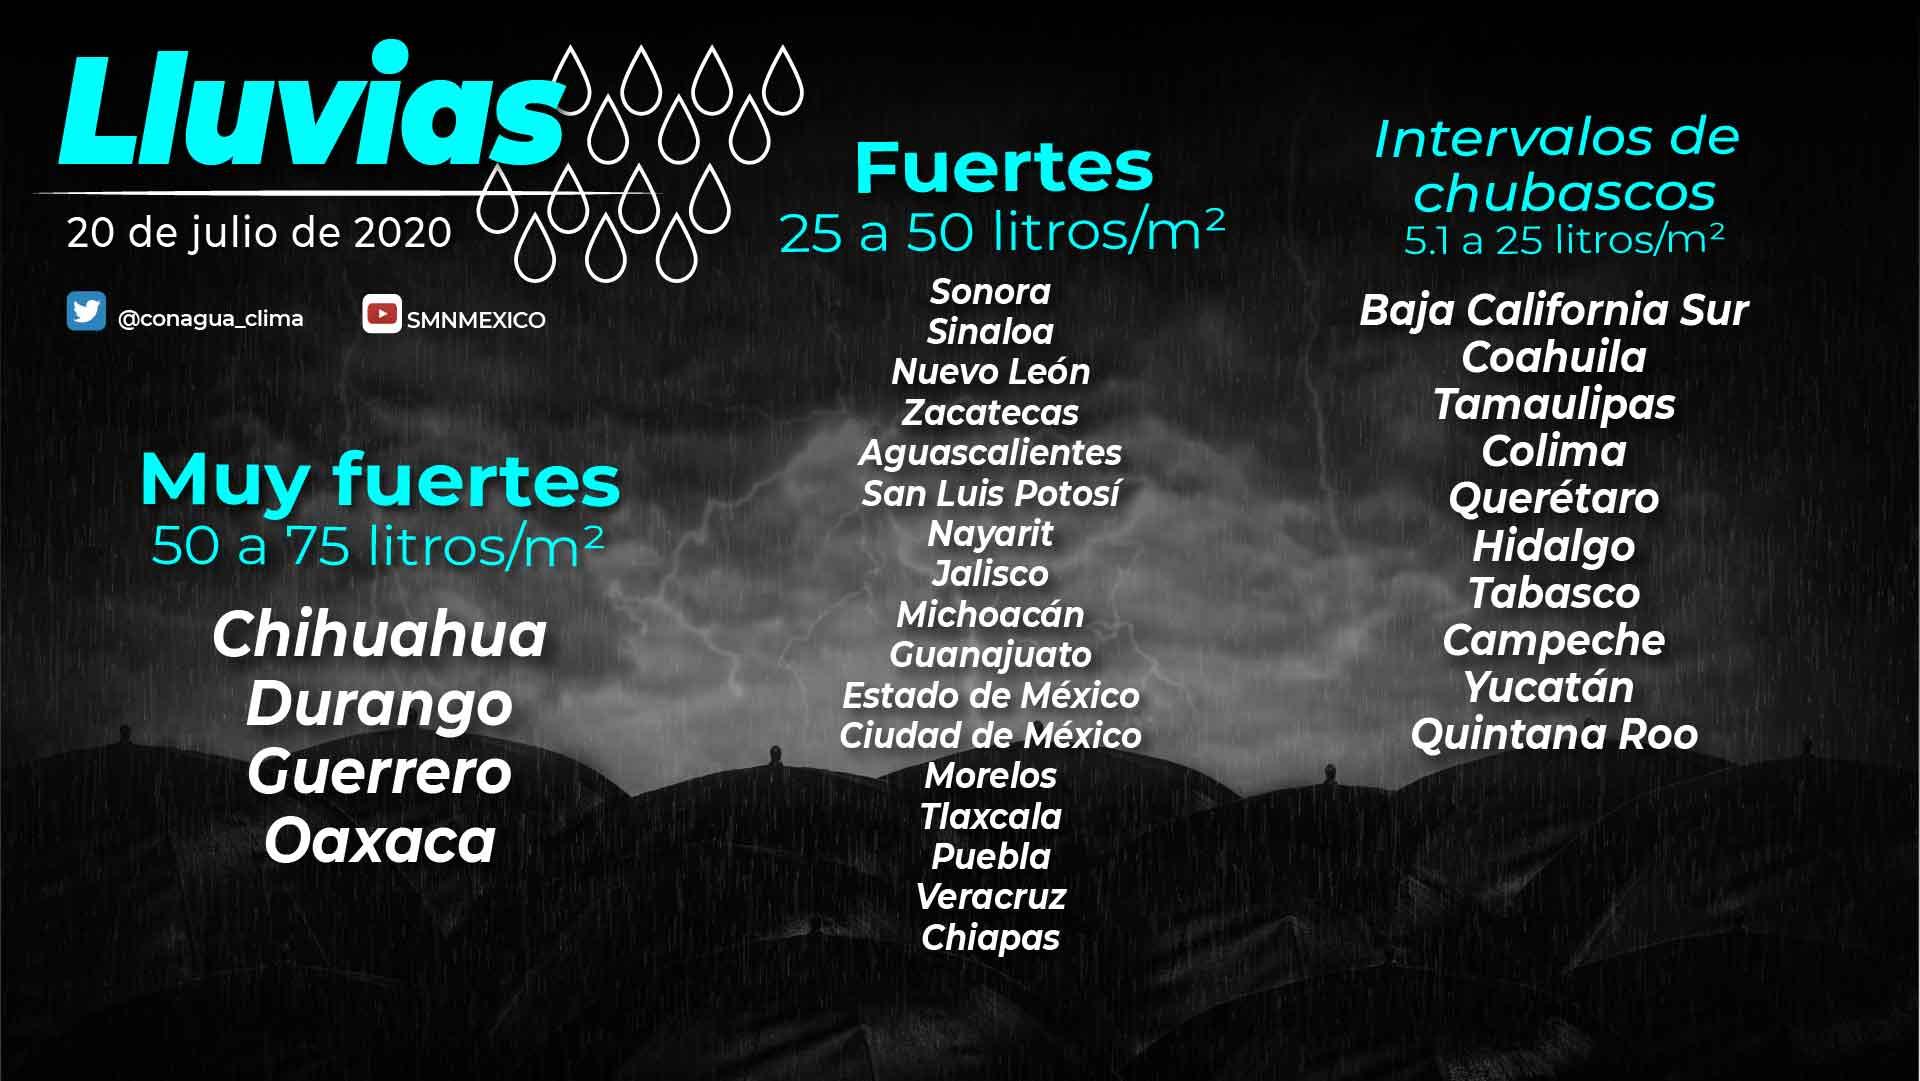 Lluvias muy fuertes, descargas eléctricas y posibles granizadas se pronostican para Chihuahua, Durango, Guerrero y Oaxaca